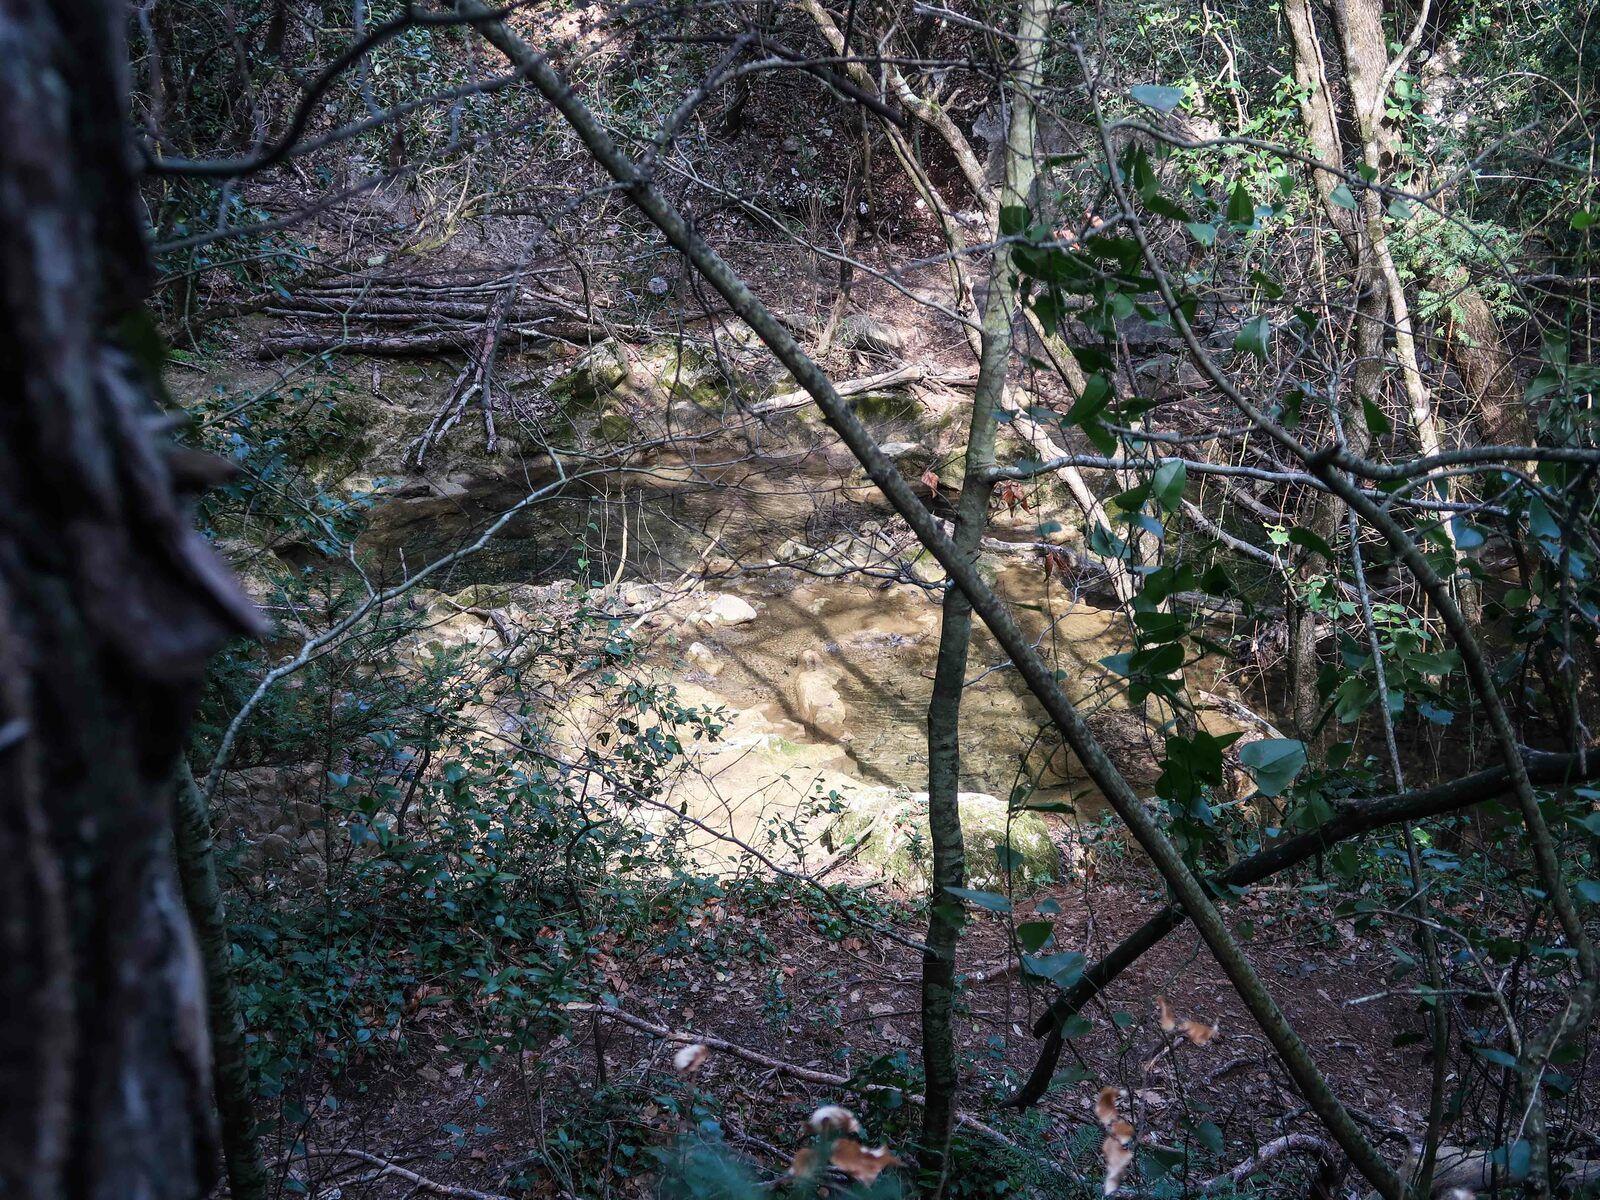 L'huveaune sans eau ce n'est plus le même paysage mais le lieu mérite quand même la rando . Merci Gilbert et mamie Agnes pour l'apéro copieux .